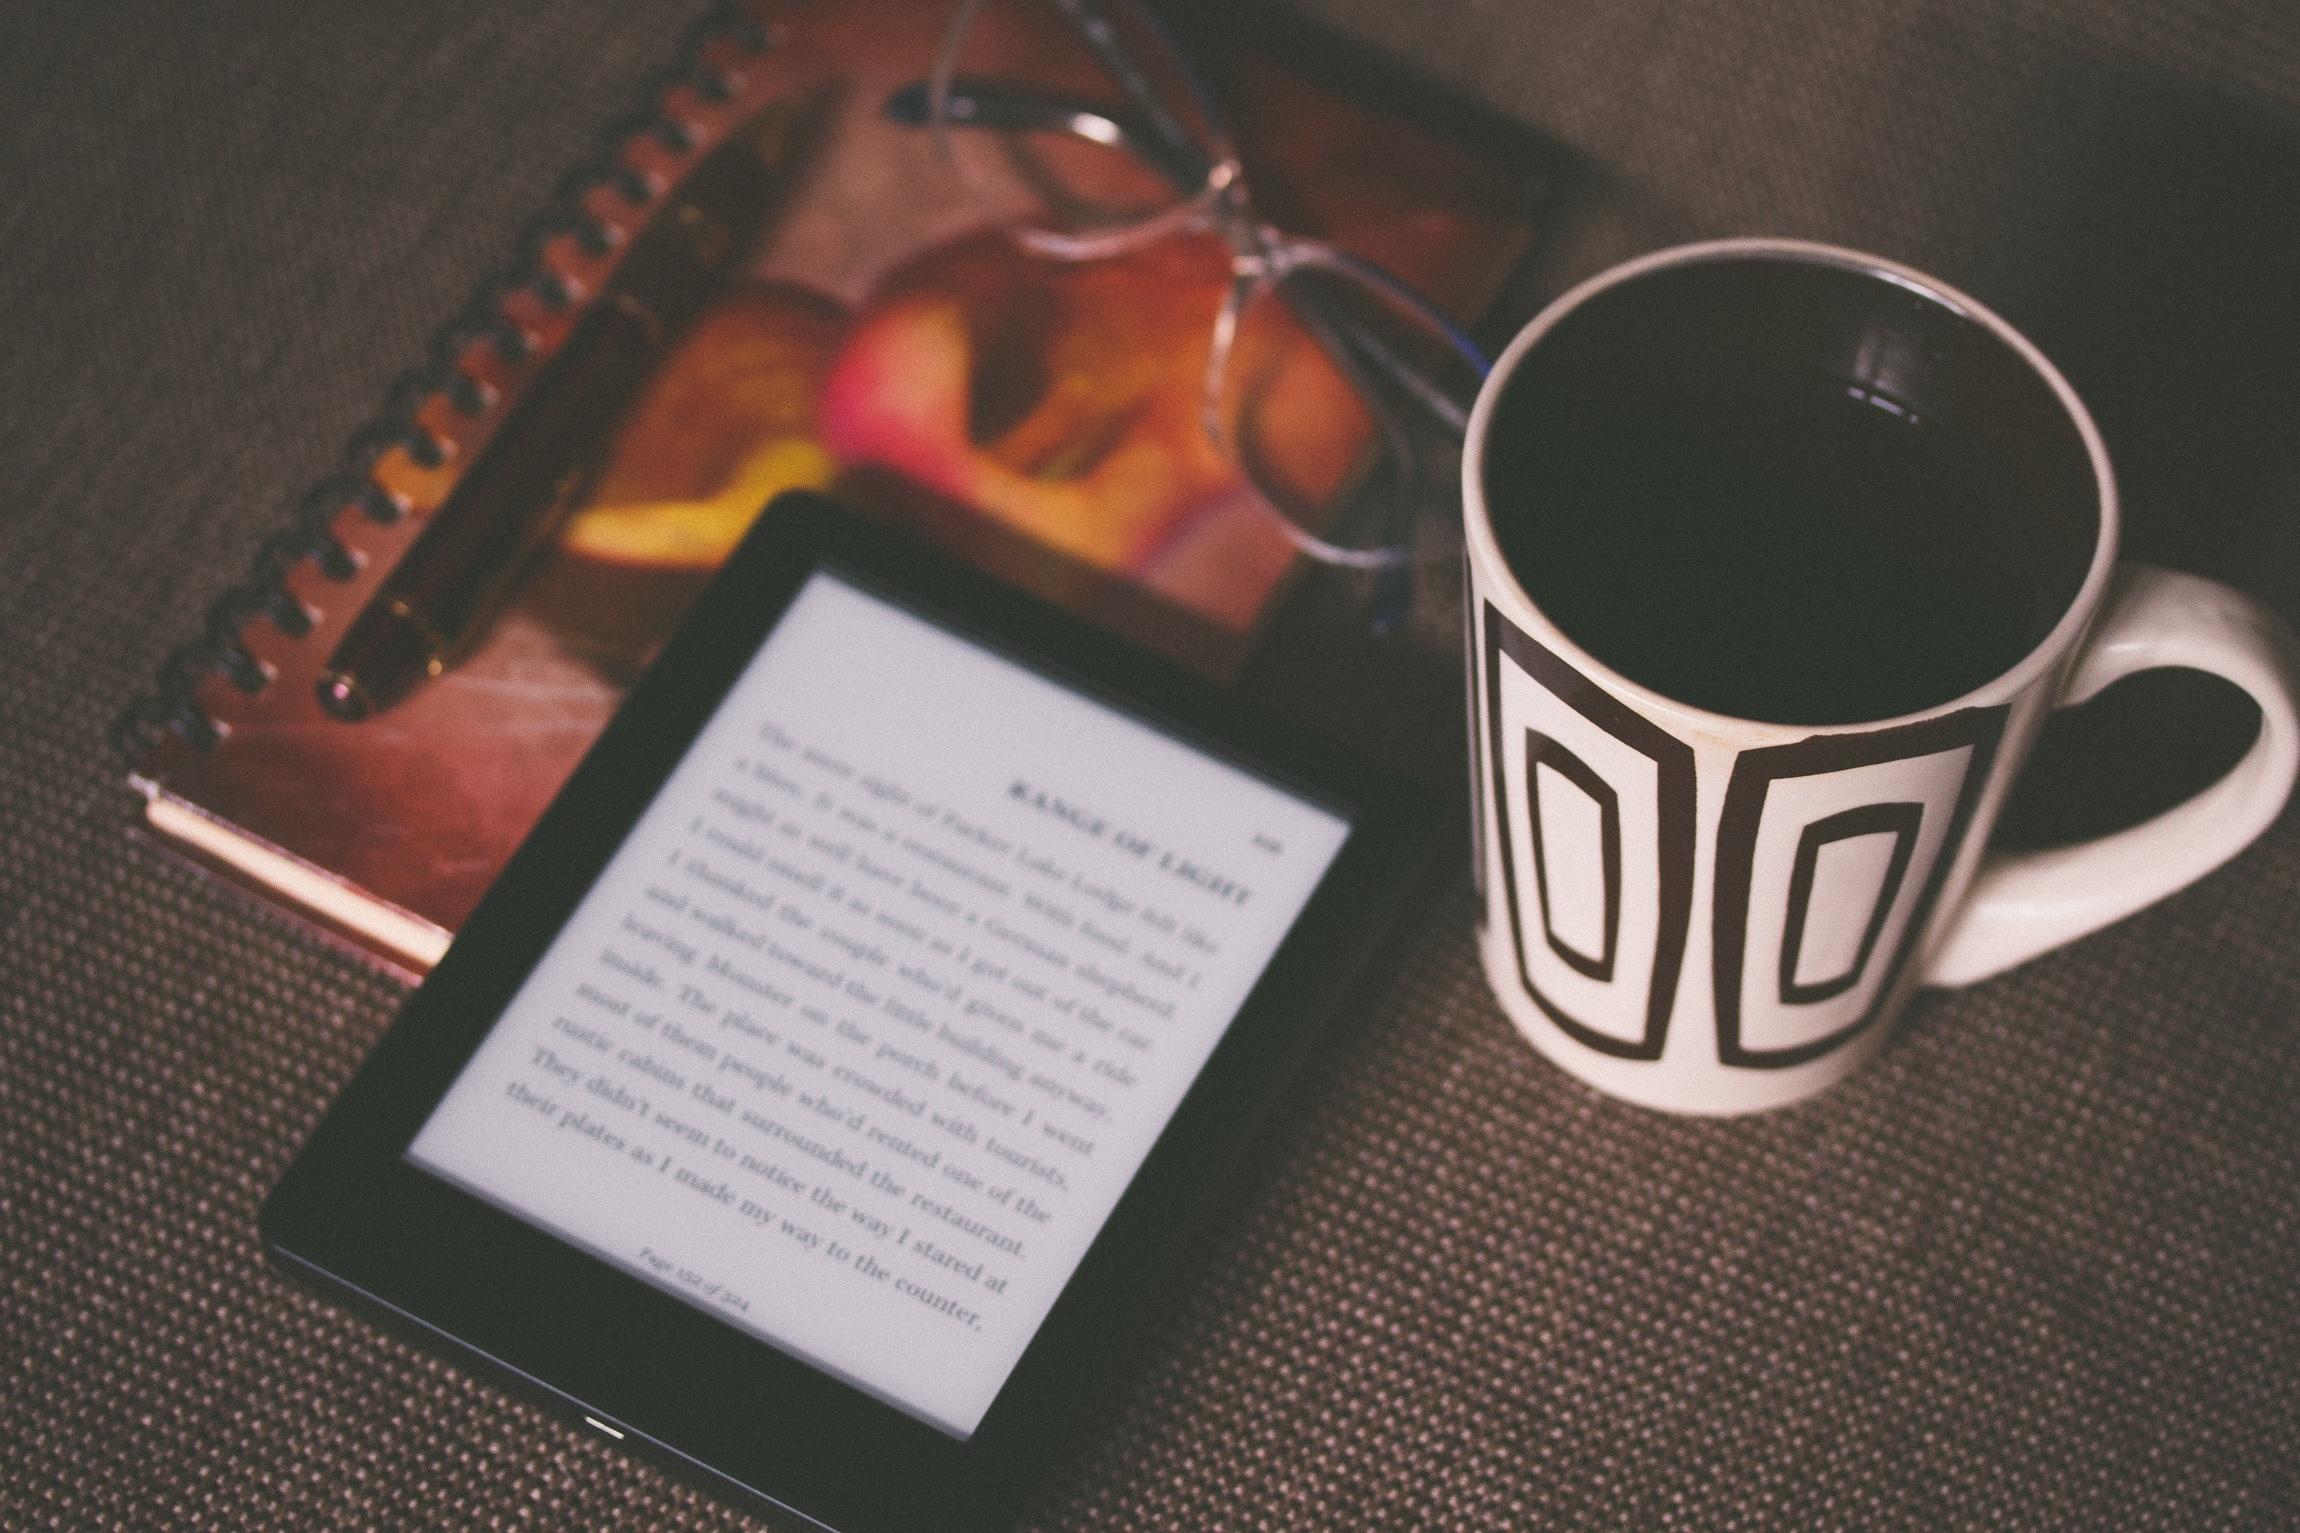 Что почитать? 8 фантастических книги от авторов платформы ЛитРес: Самиздат